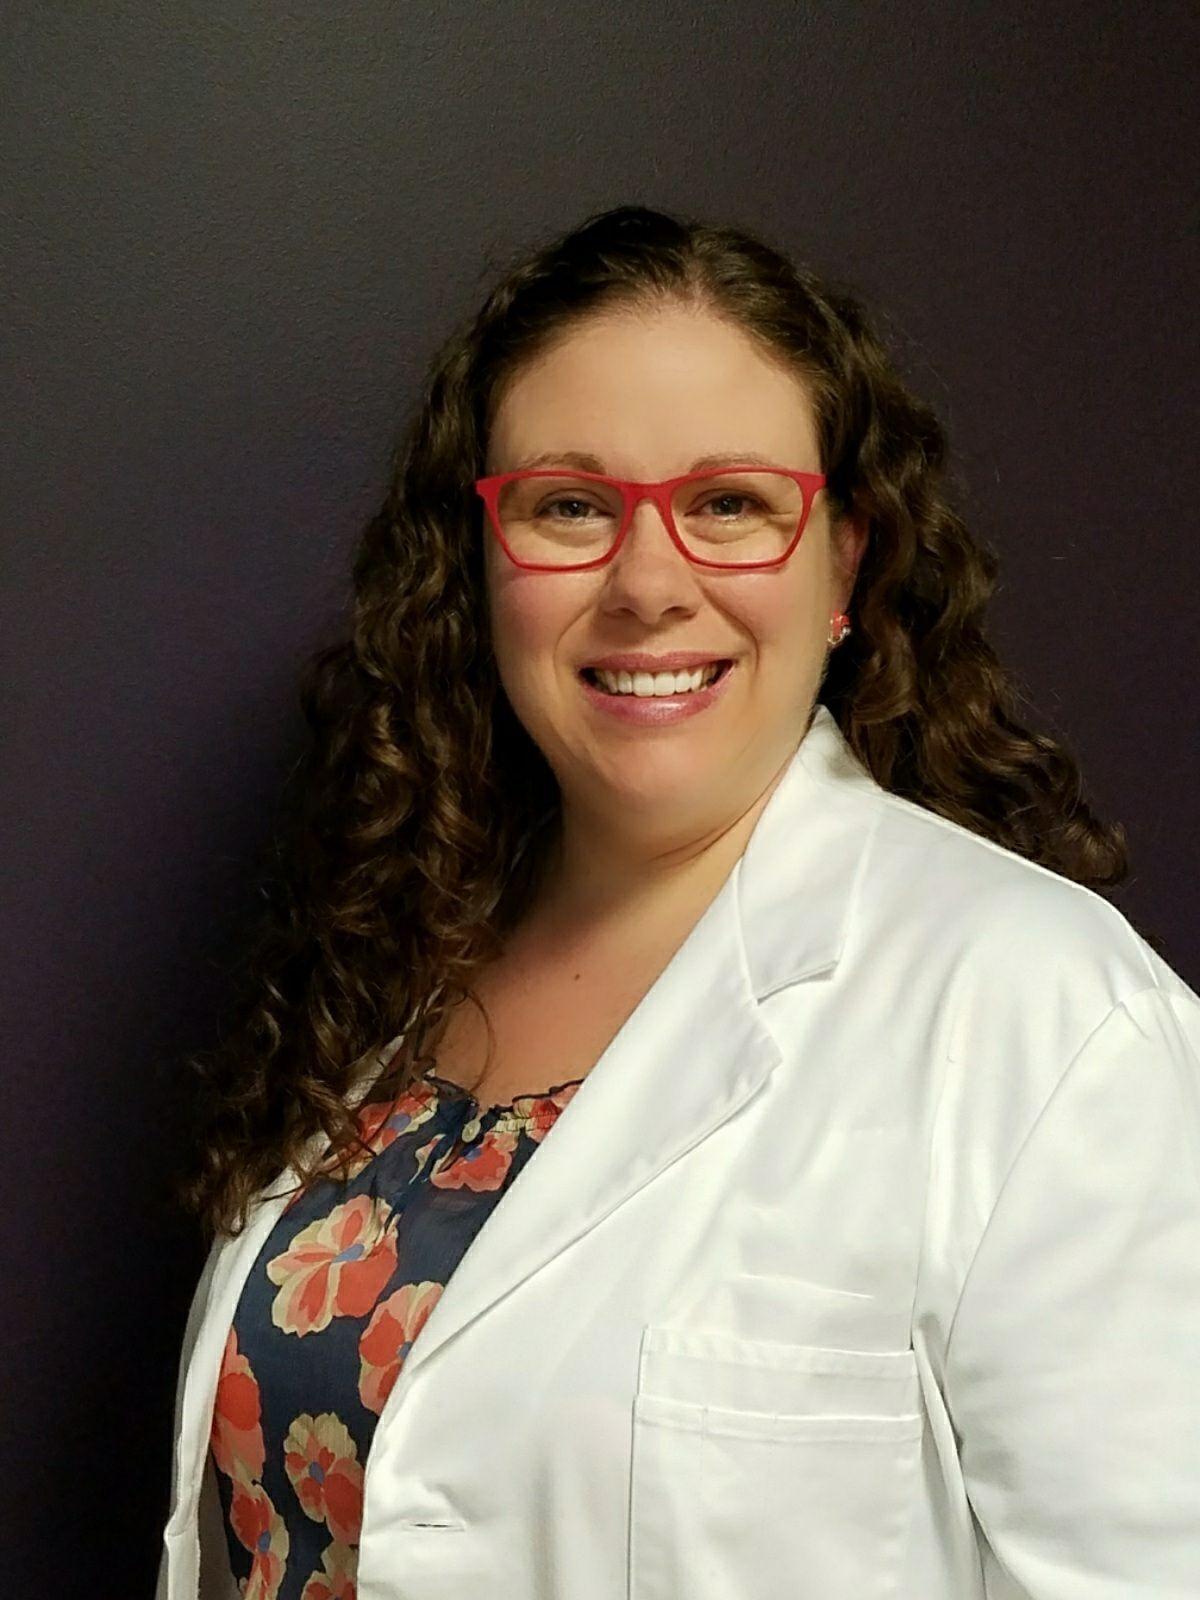 Dr. Lesley Brooks